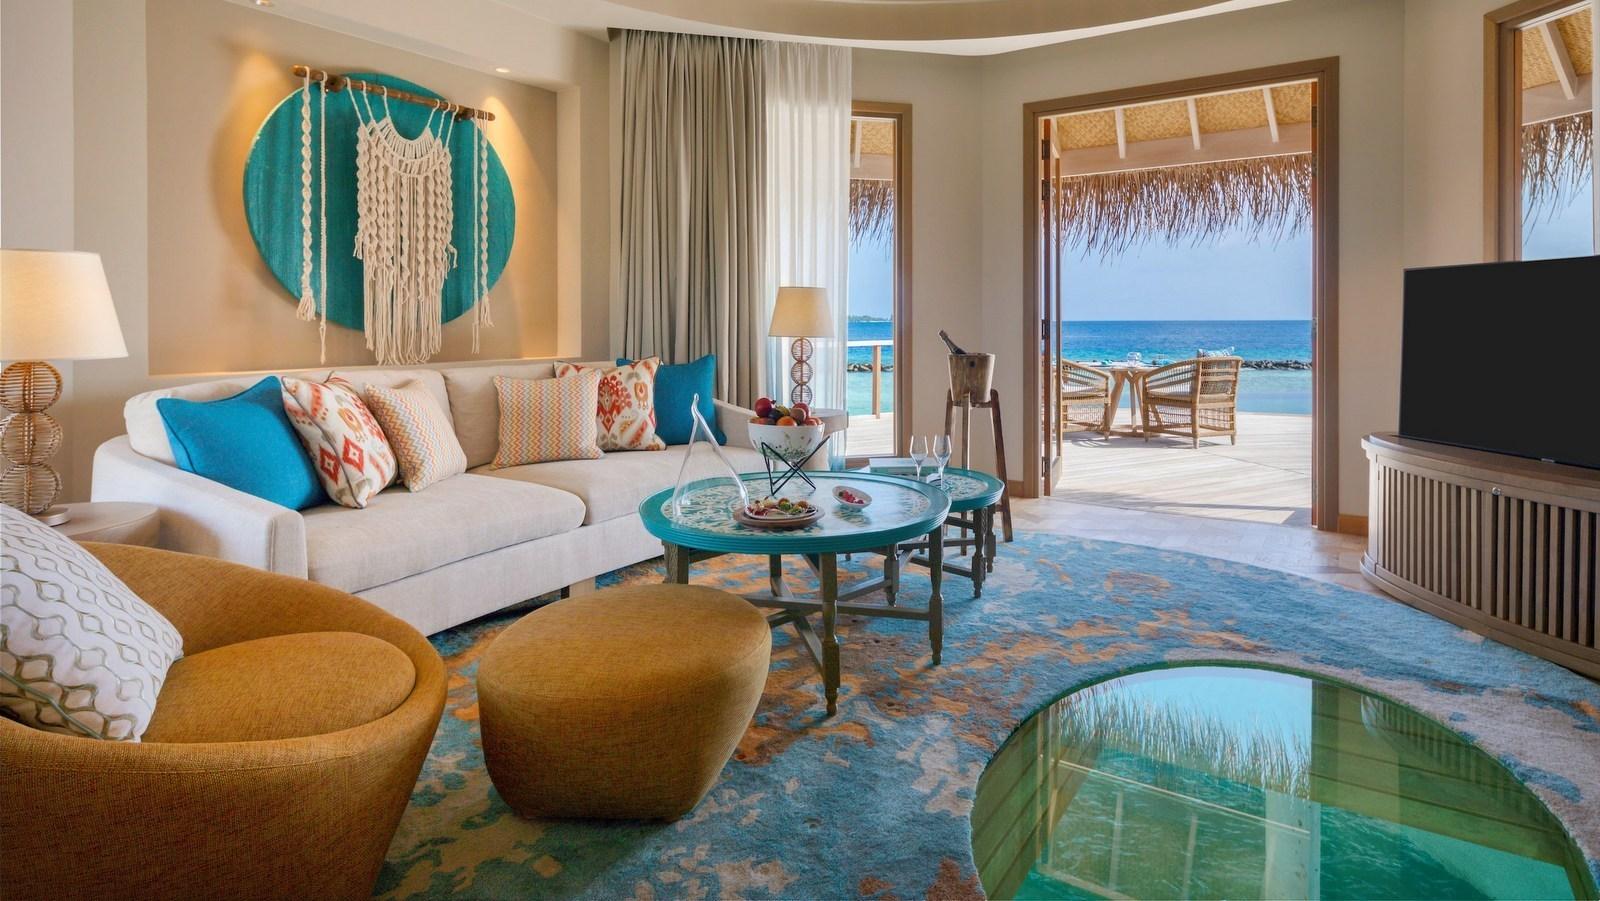 Мальдивы, отель The Nautilus Maldives, номер Ocean House